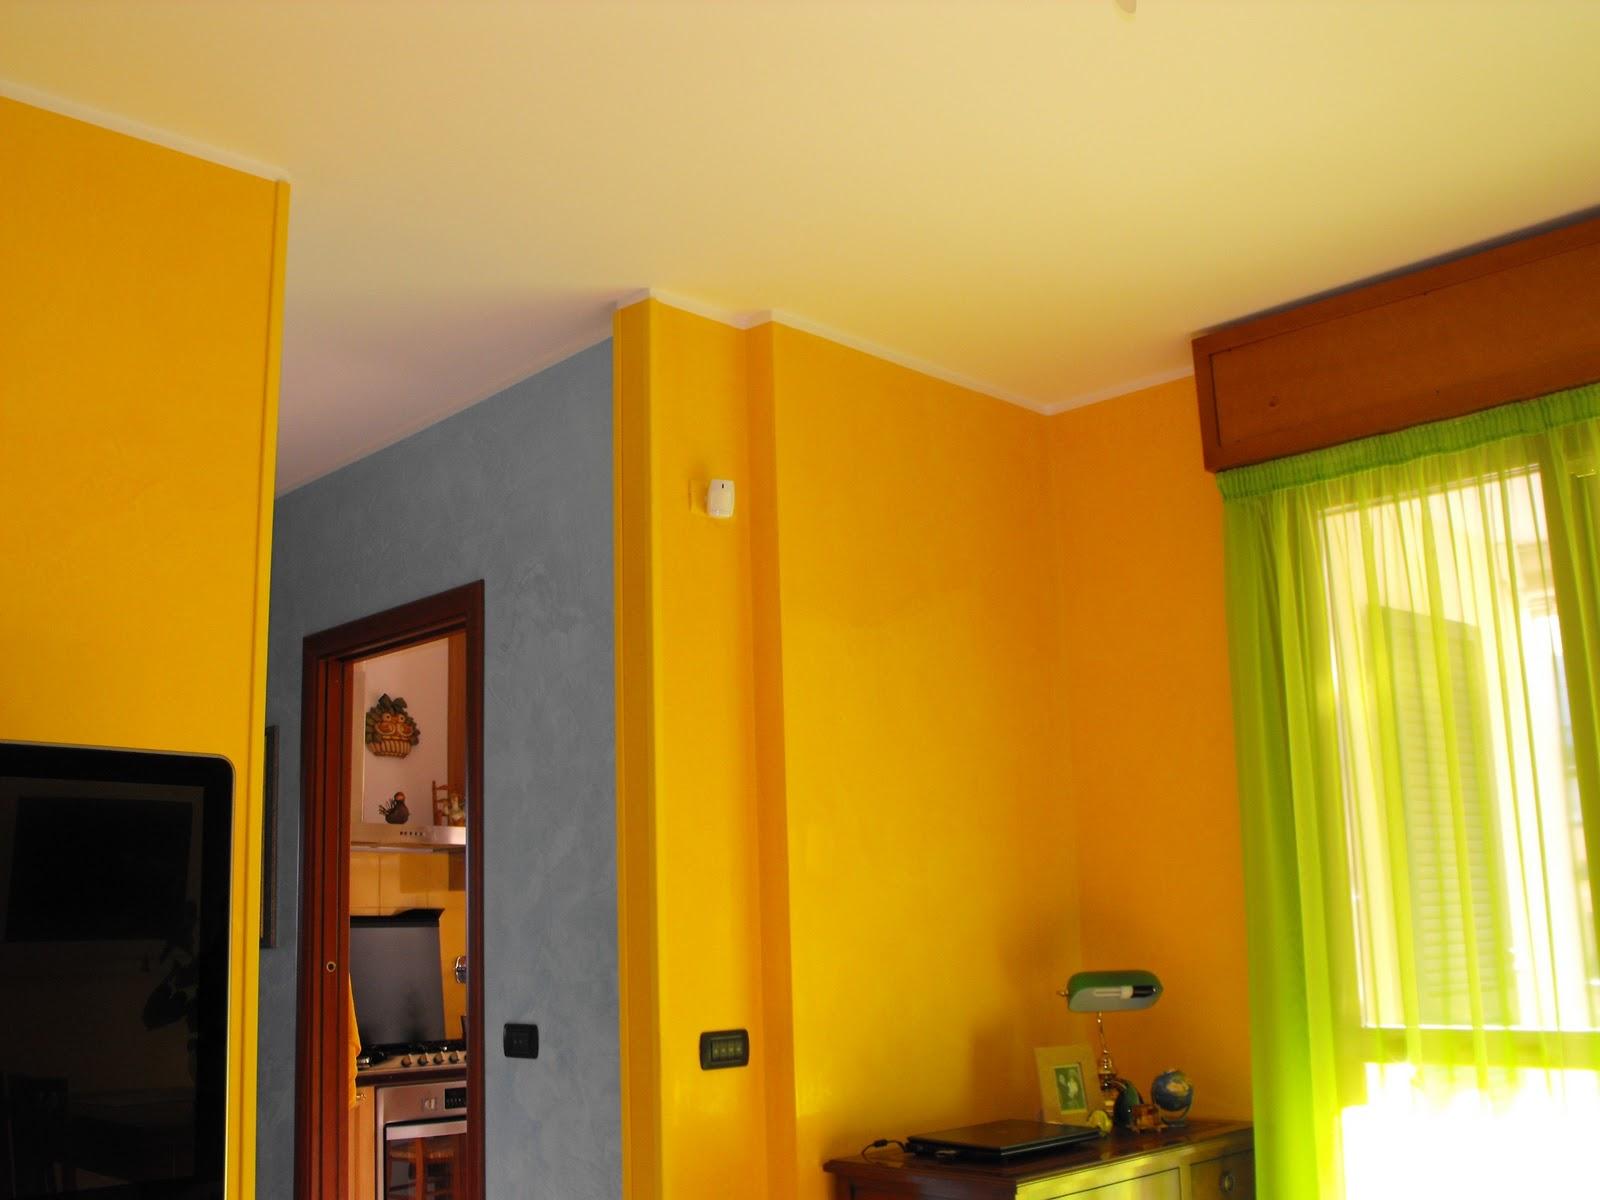 I colori di casa stucco veneziano for Stucco veneziano immagini